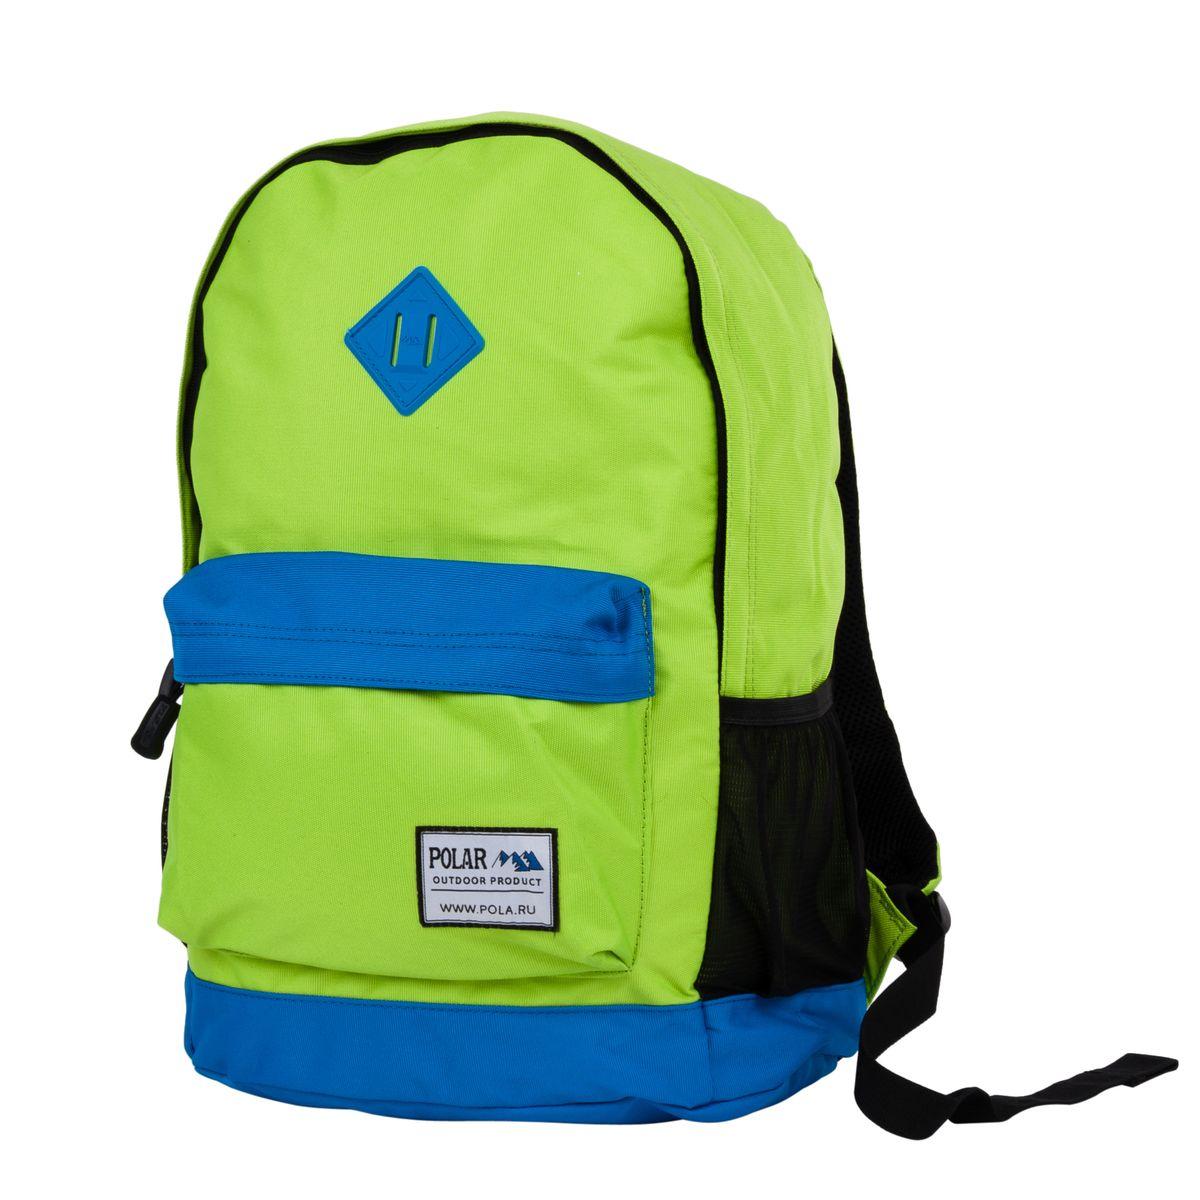 Рюкзак городской Polar, цвет: зеленый, синий, 22,5 л. 1500832104_5509Стильный городской рюкзак изготовлен из полиэстера. Рюкзак имеет одно отделение, которое закрывается на молнию. Внутри карман на молнии и отделение под планшет или ноутбук до 14. Спереди объемный карман для небольших предметов. По бокам два кармана из сетчатого материала на резинке. Удобная поролоновая спинка и лямки регулируемой длины с мягкой подкладкой обеспечивают больший комфорт при переноске.